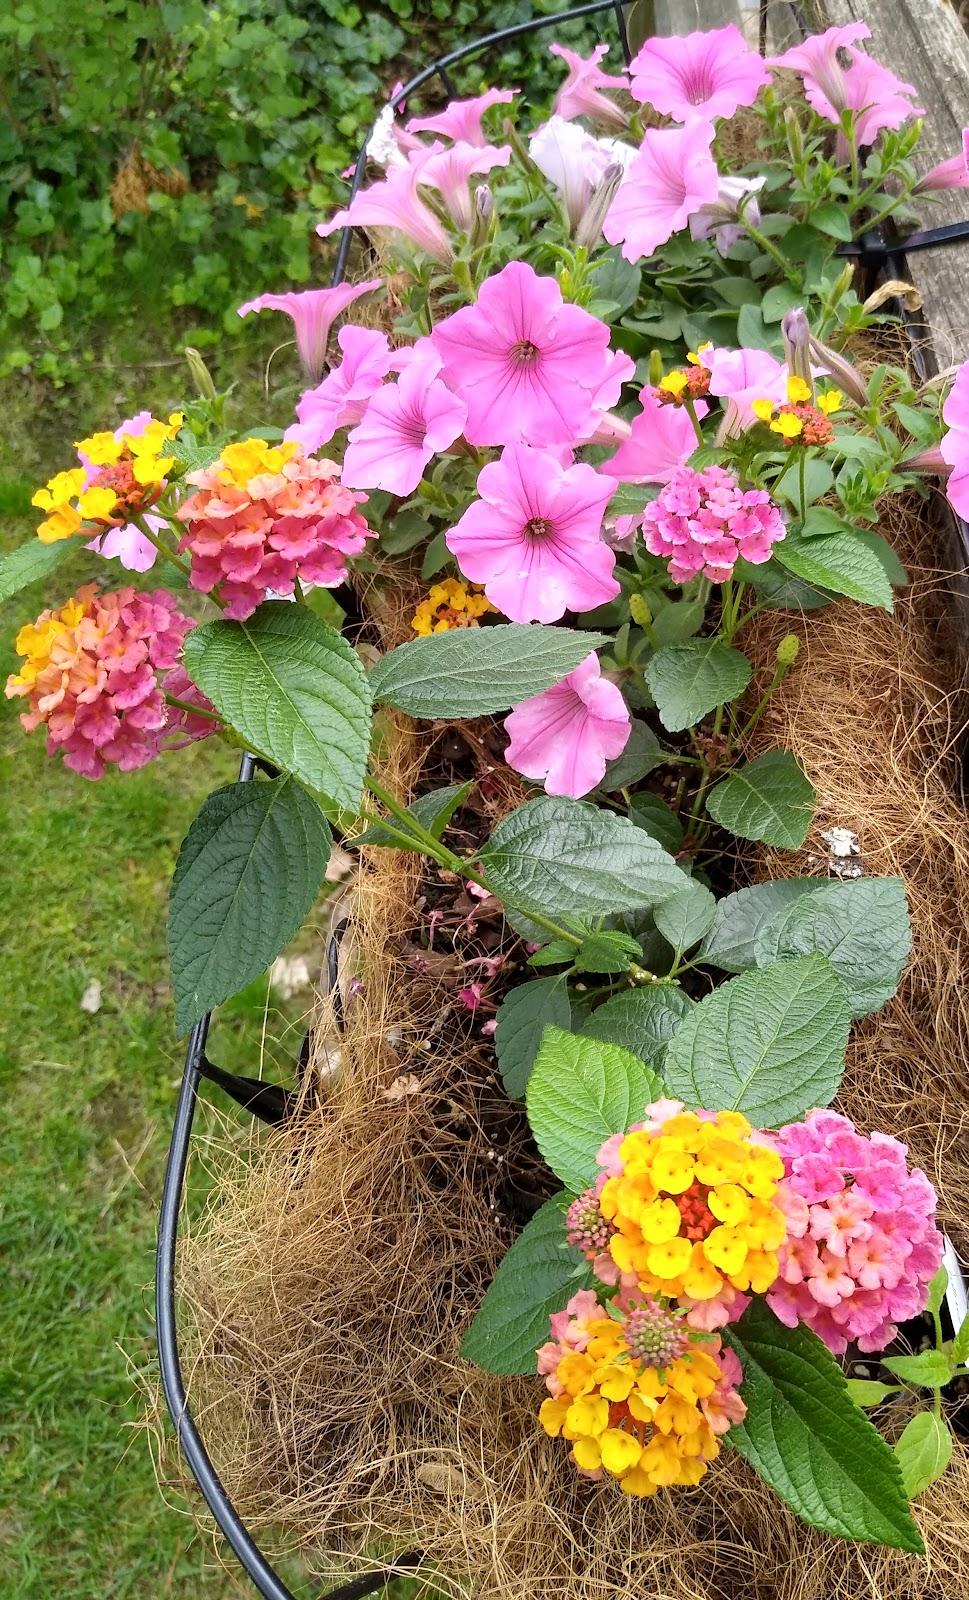 fence flower basket image